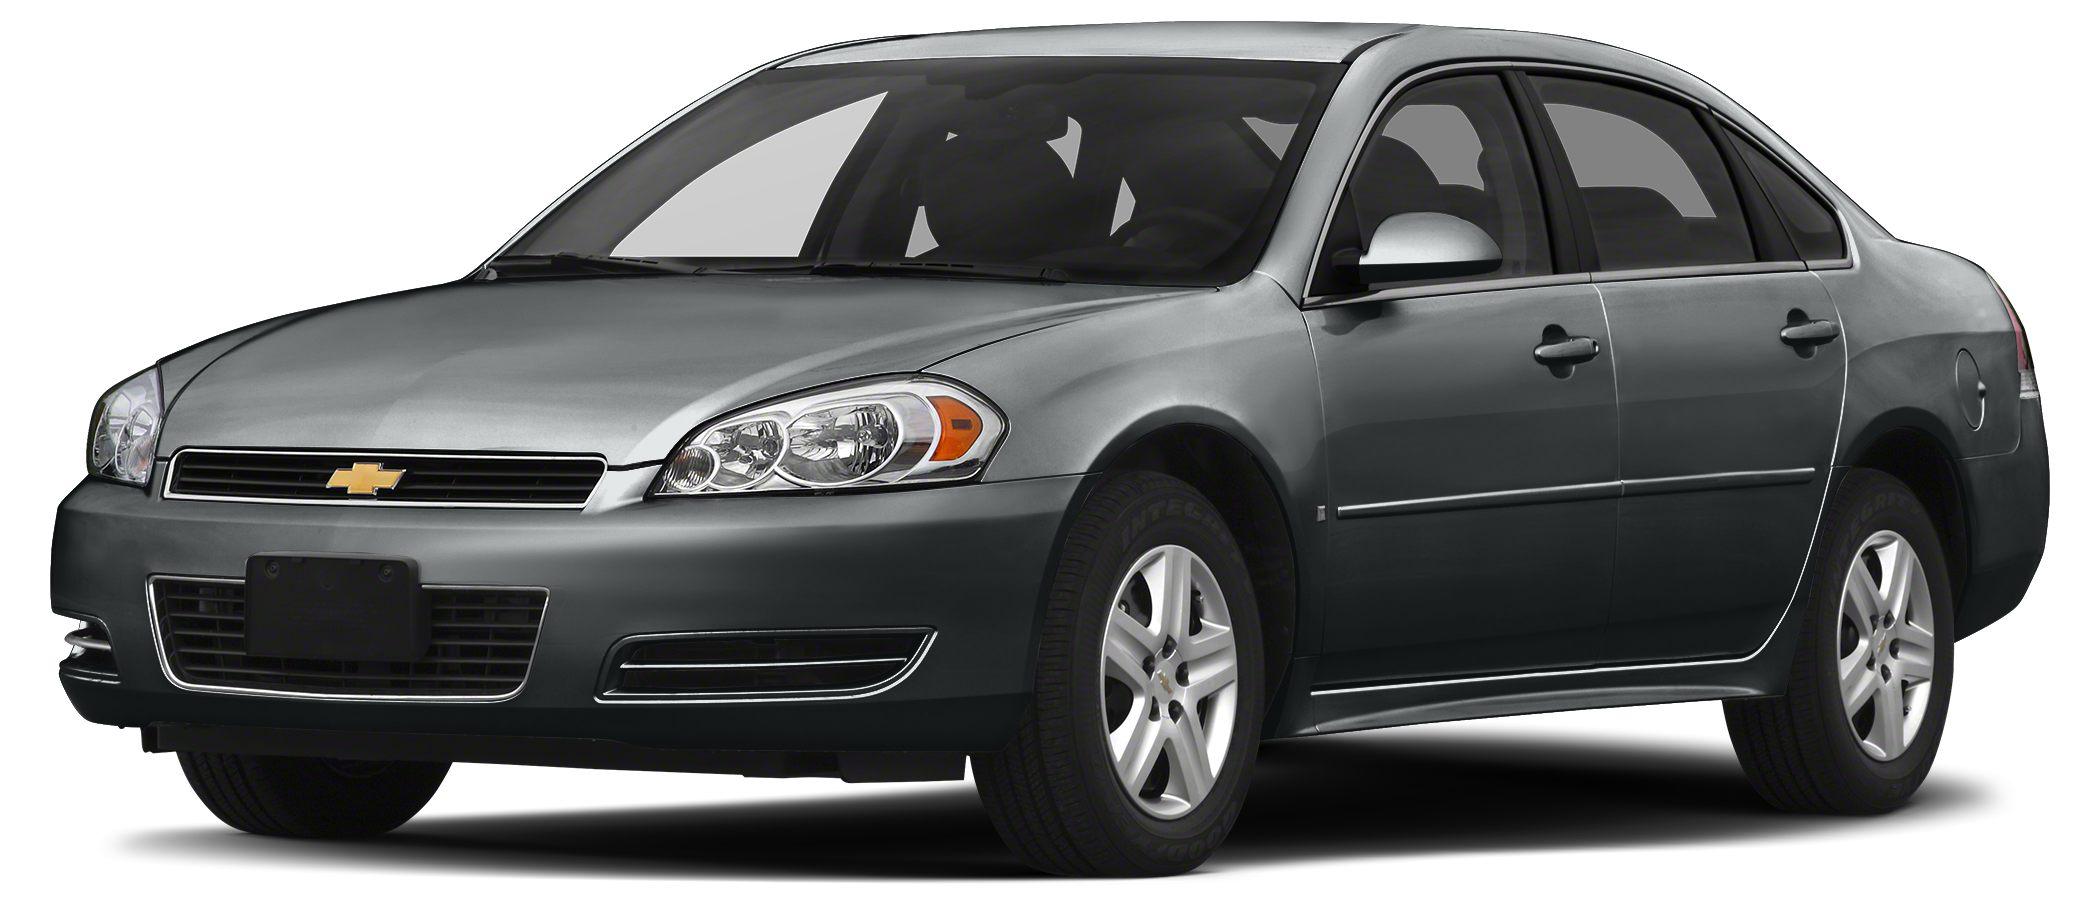 2014 Chevrolet Impala Limited LS Miles 28747Color Black Stock U2144 VIN 2G1WA5E39E1147008